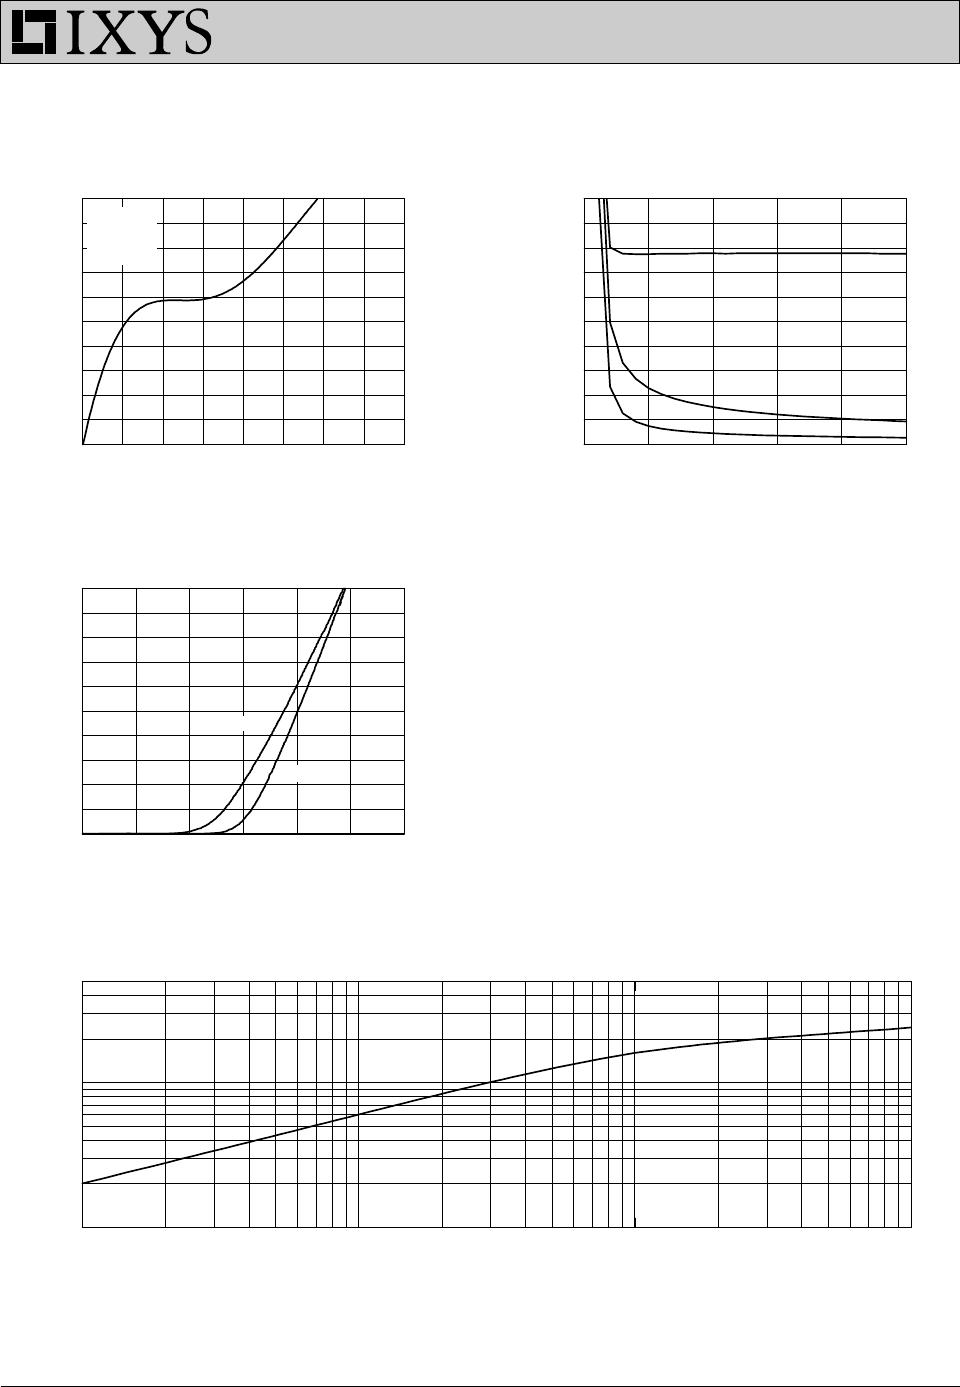 电路 电路图 电子 原理图 960_1387 竖版 竖屏